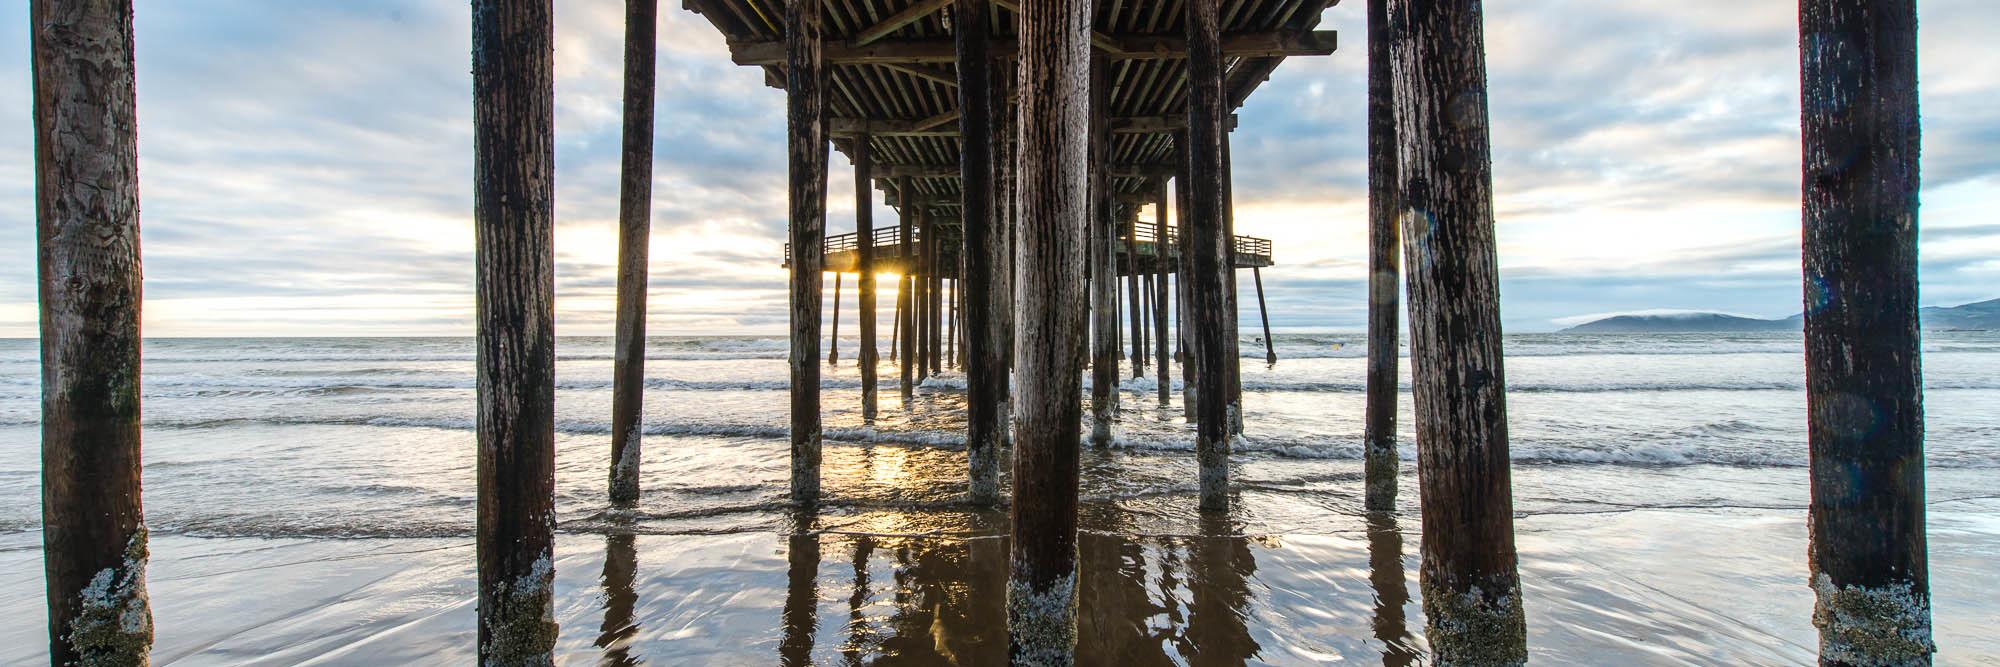 20121205_Pismo Beach_2178-2.jpg